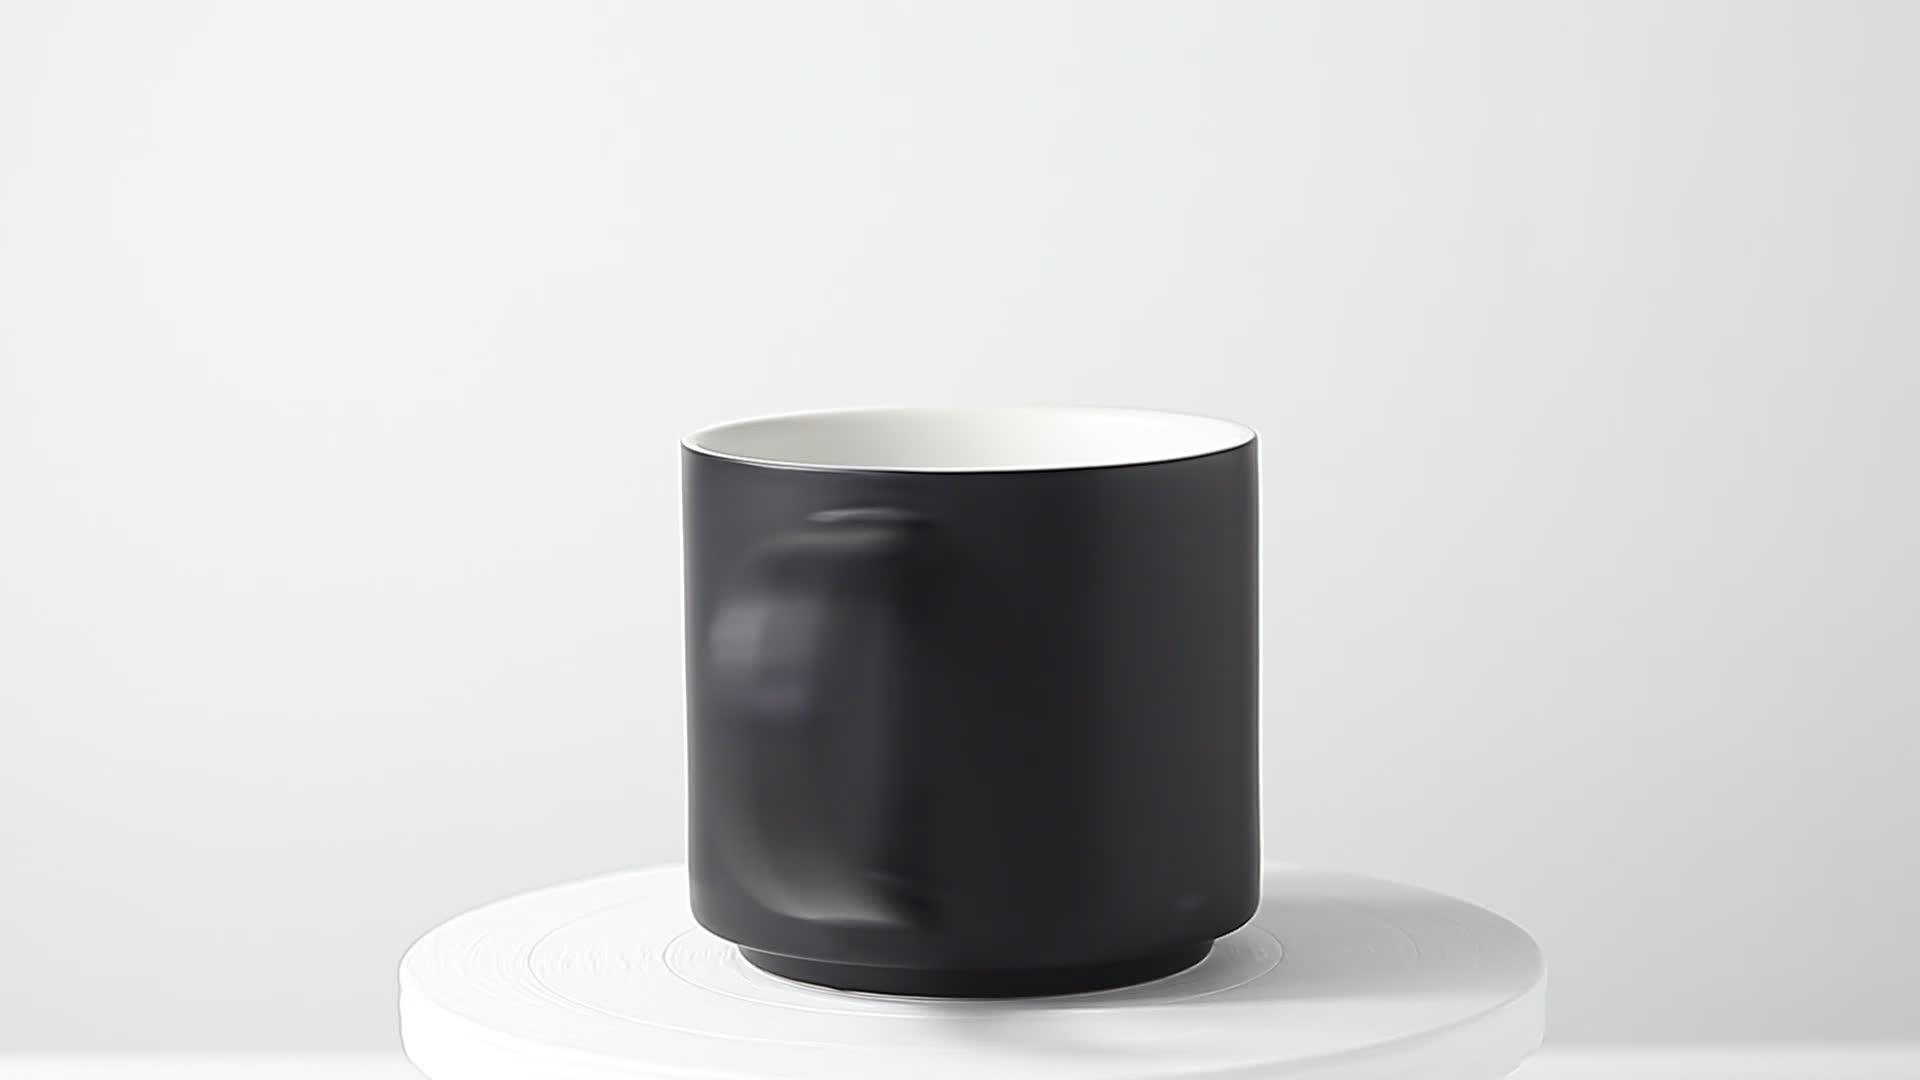 Commercio all'ingrosso di 12OZ nero di grandi dimensioni in ceramica impilabile cappuccino tazza di caffè set con manico logo personalizzato tè al latte tazza di ristorazione